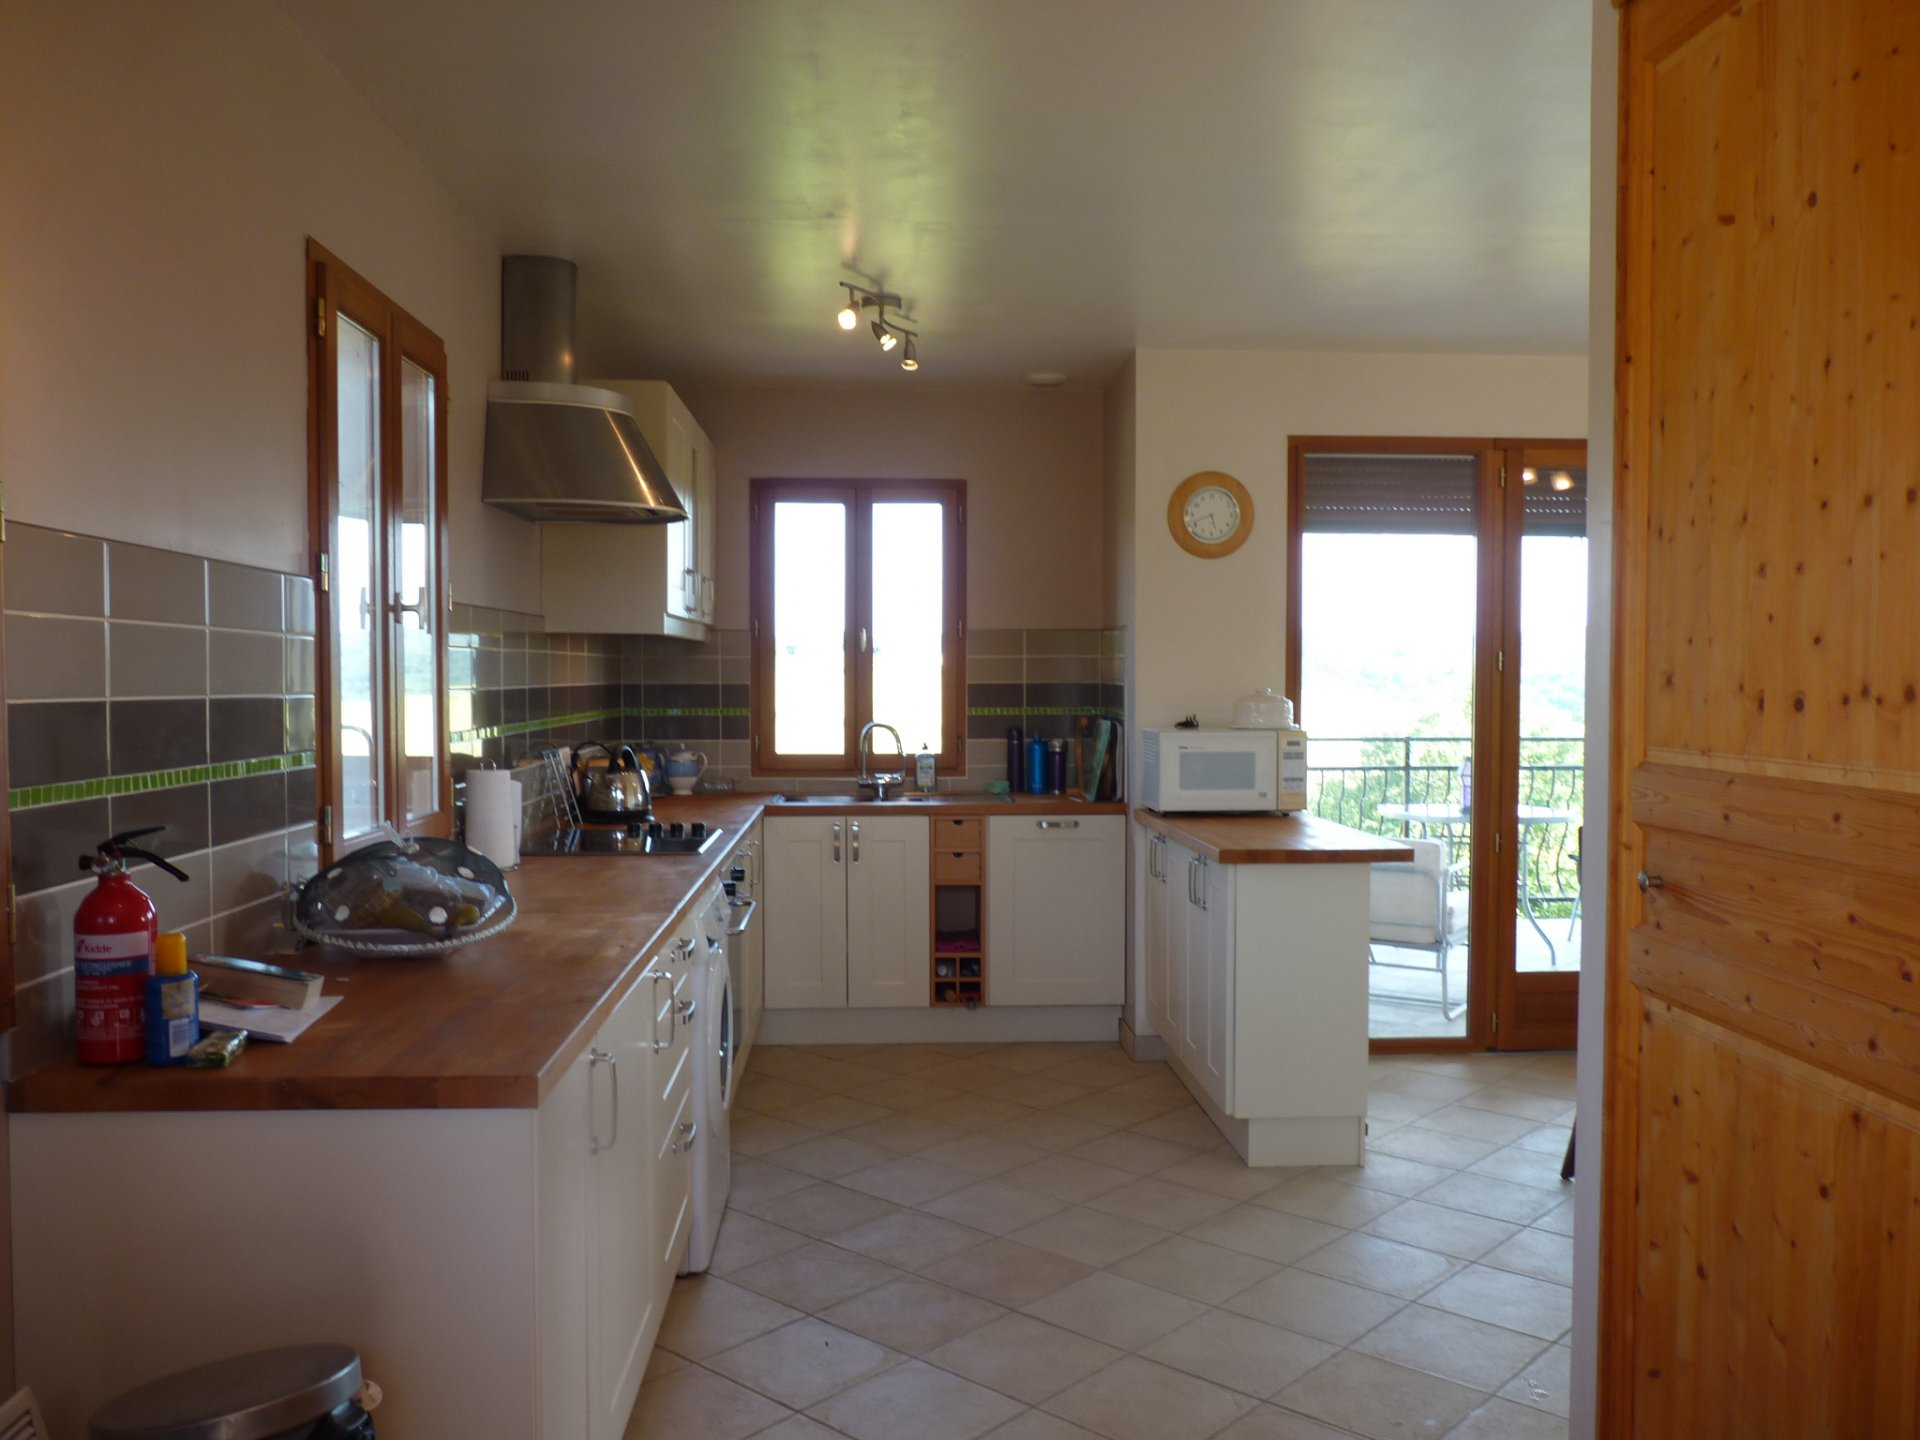 Maison contemporaine  T3 avec un appartement T1bis loué à 5 mn  d'Aurignac avec vue Pyrénées